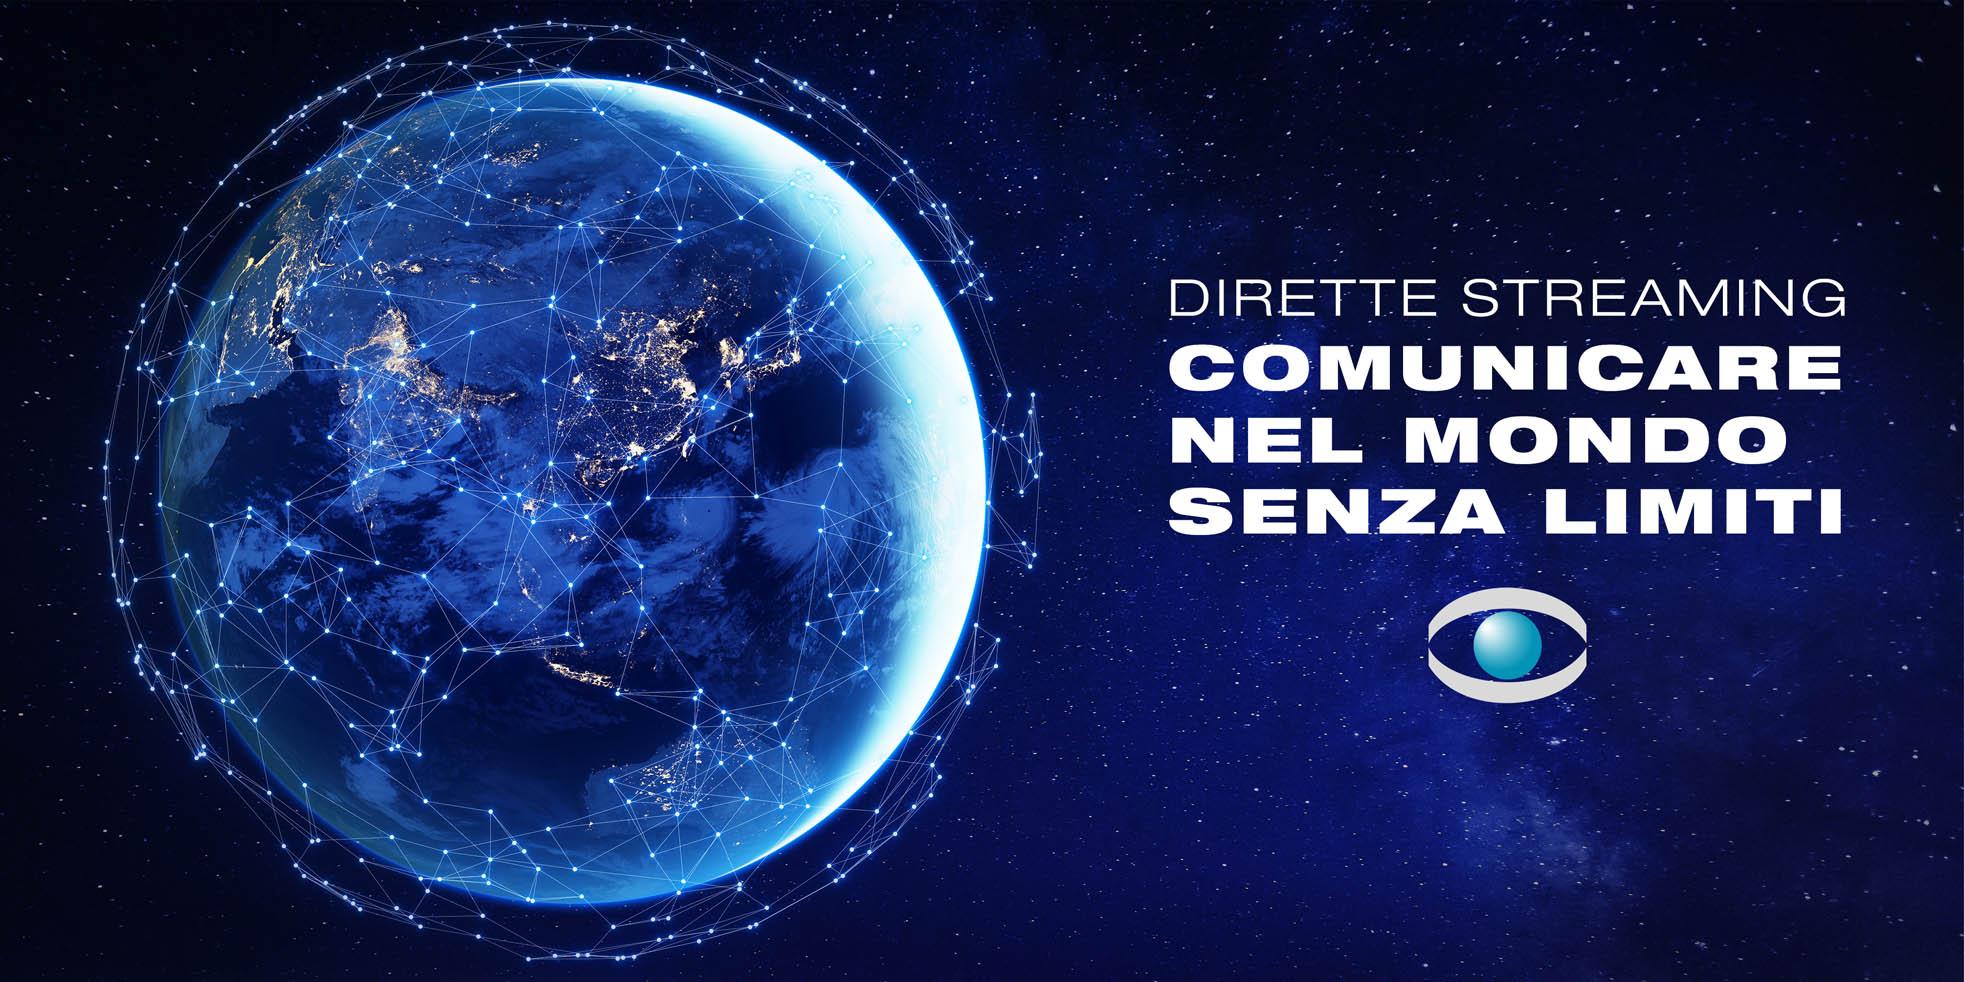 Dirette streaming videoconferenze in diretta-OFICINA-SNC Padova Vicenza Venezia